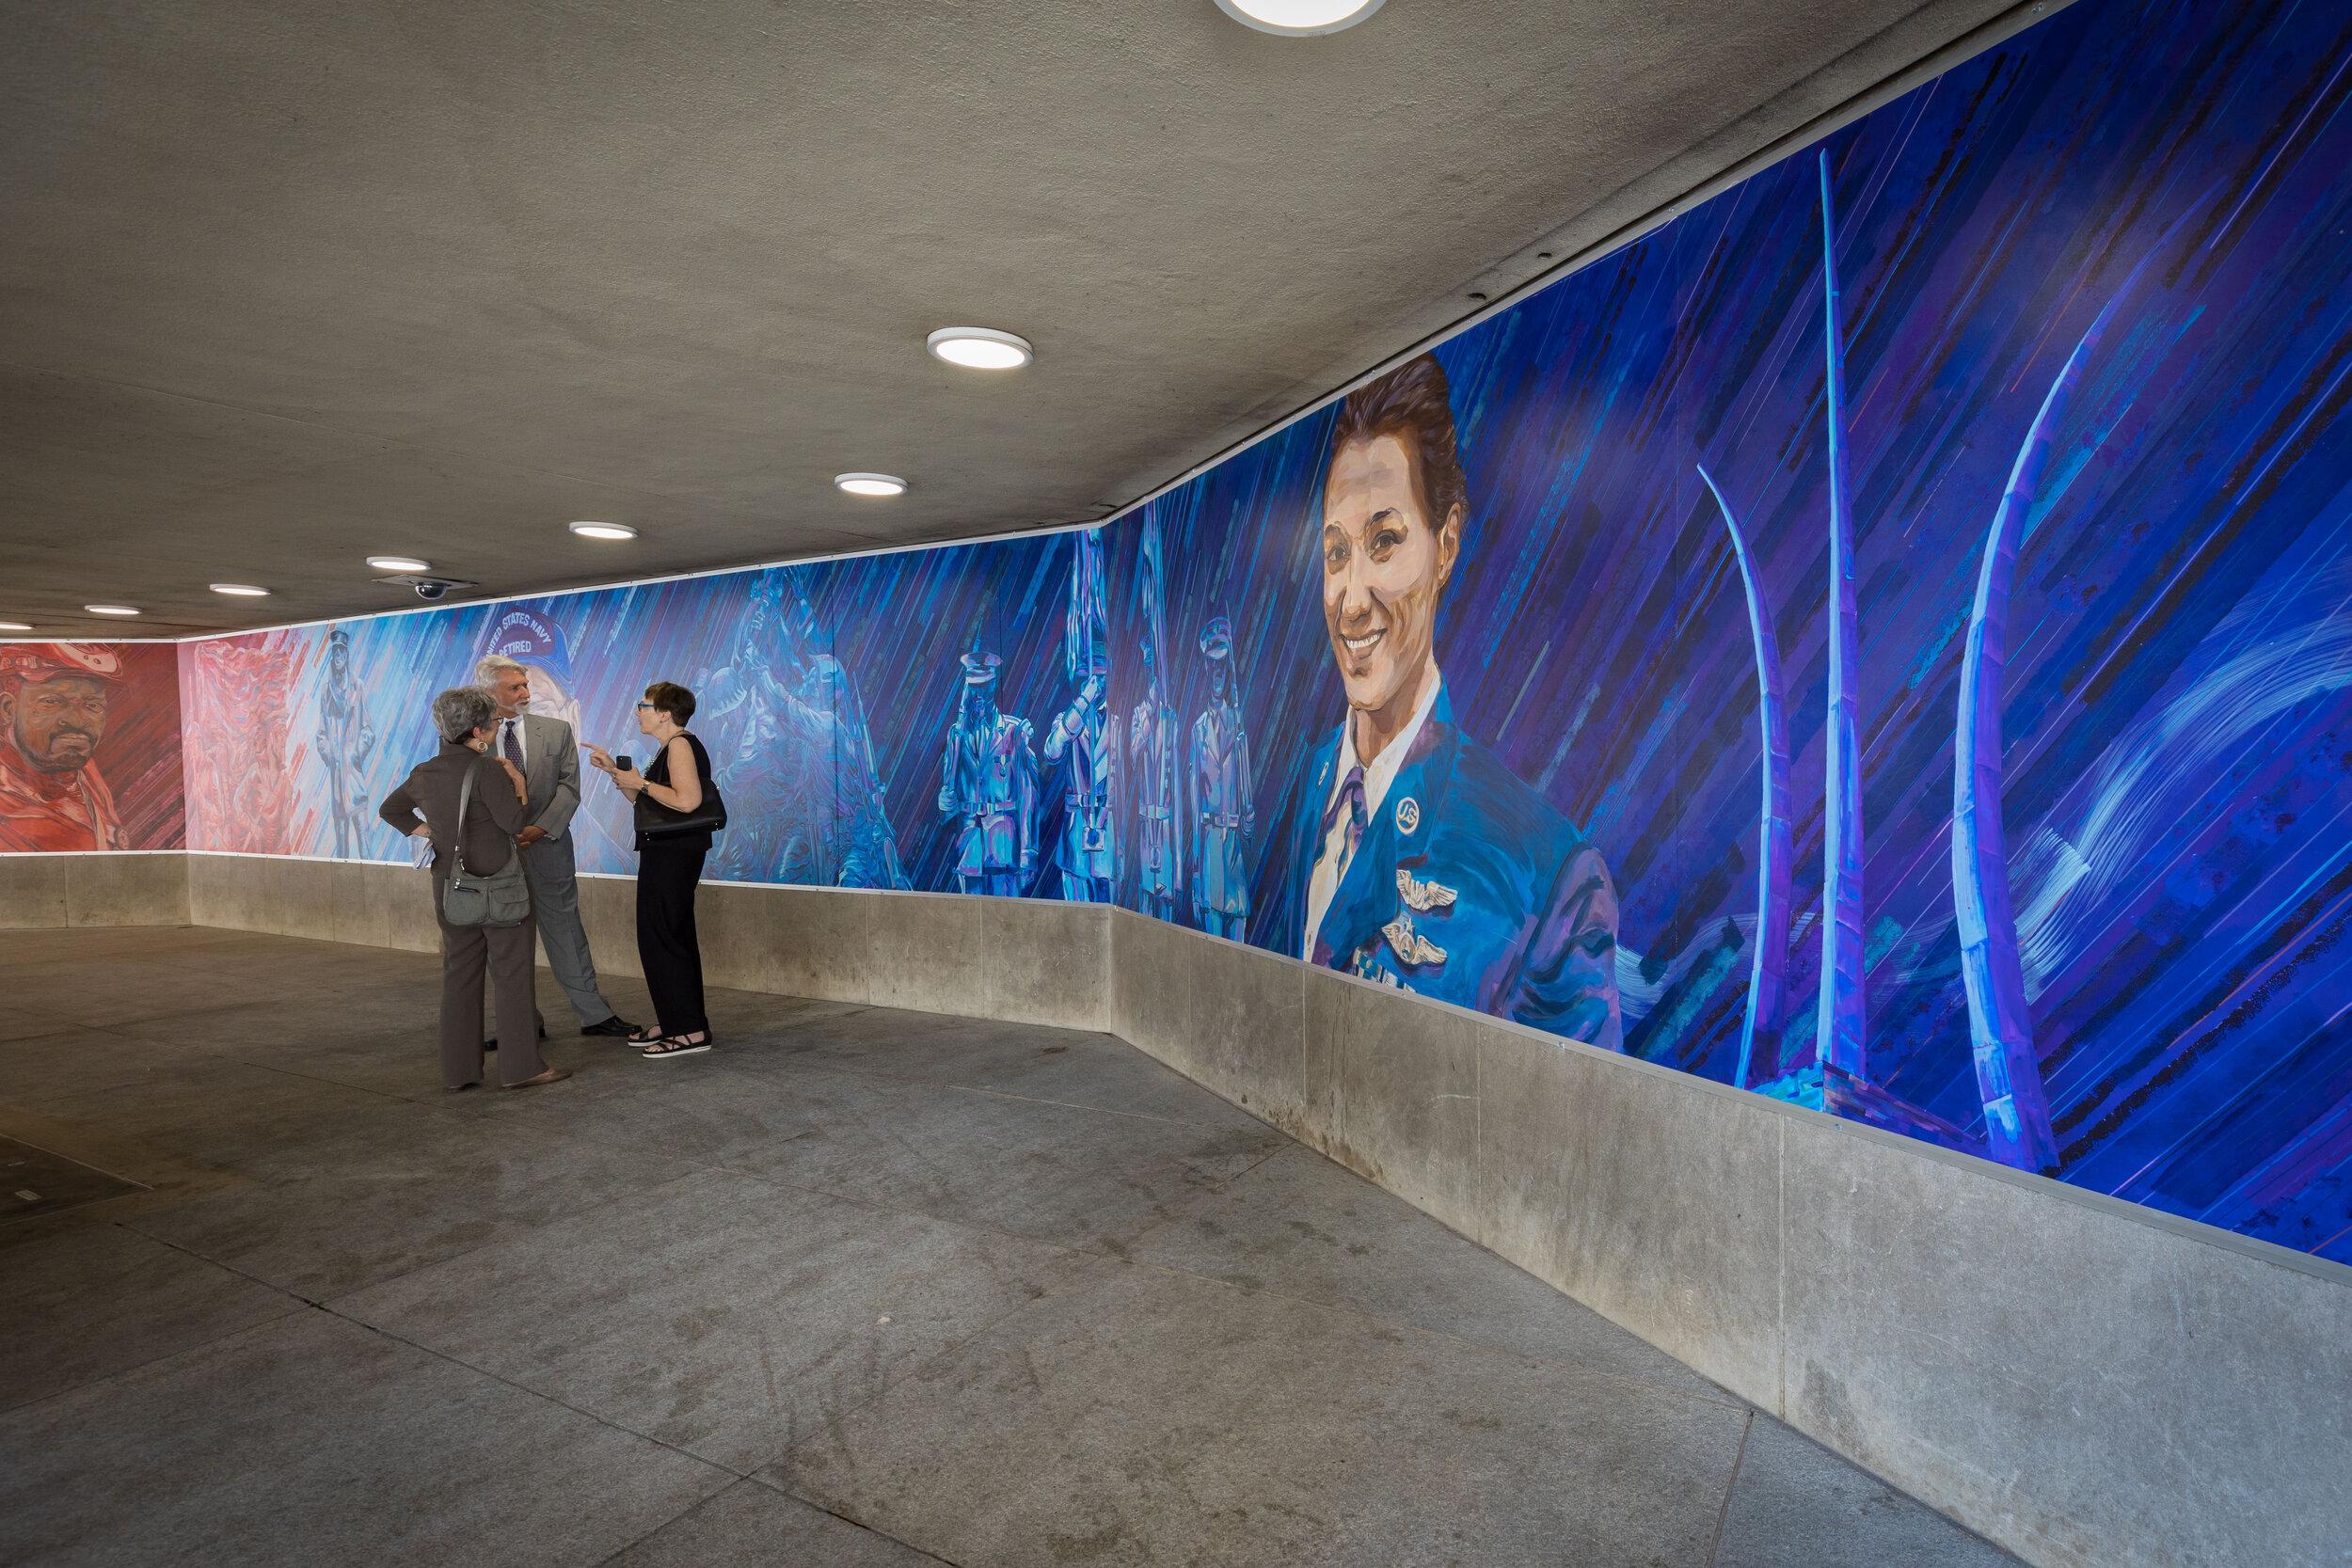 2019-05-DowntownDCBID-MuralUnveiling-Storybox-KF-155.jpg